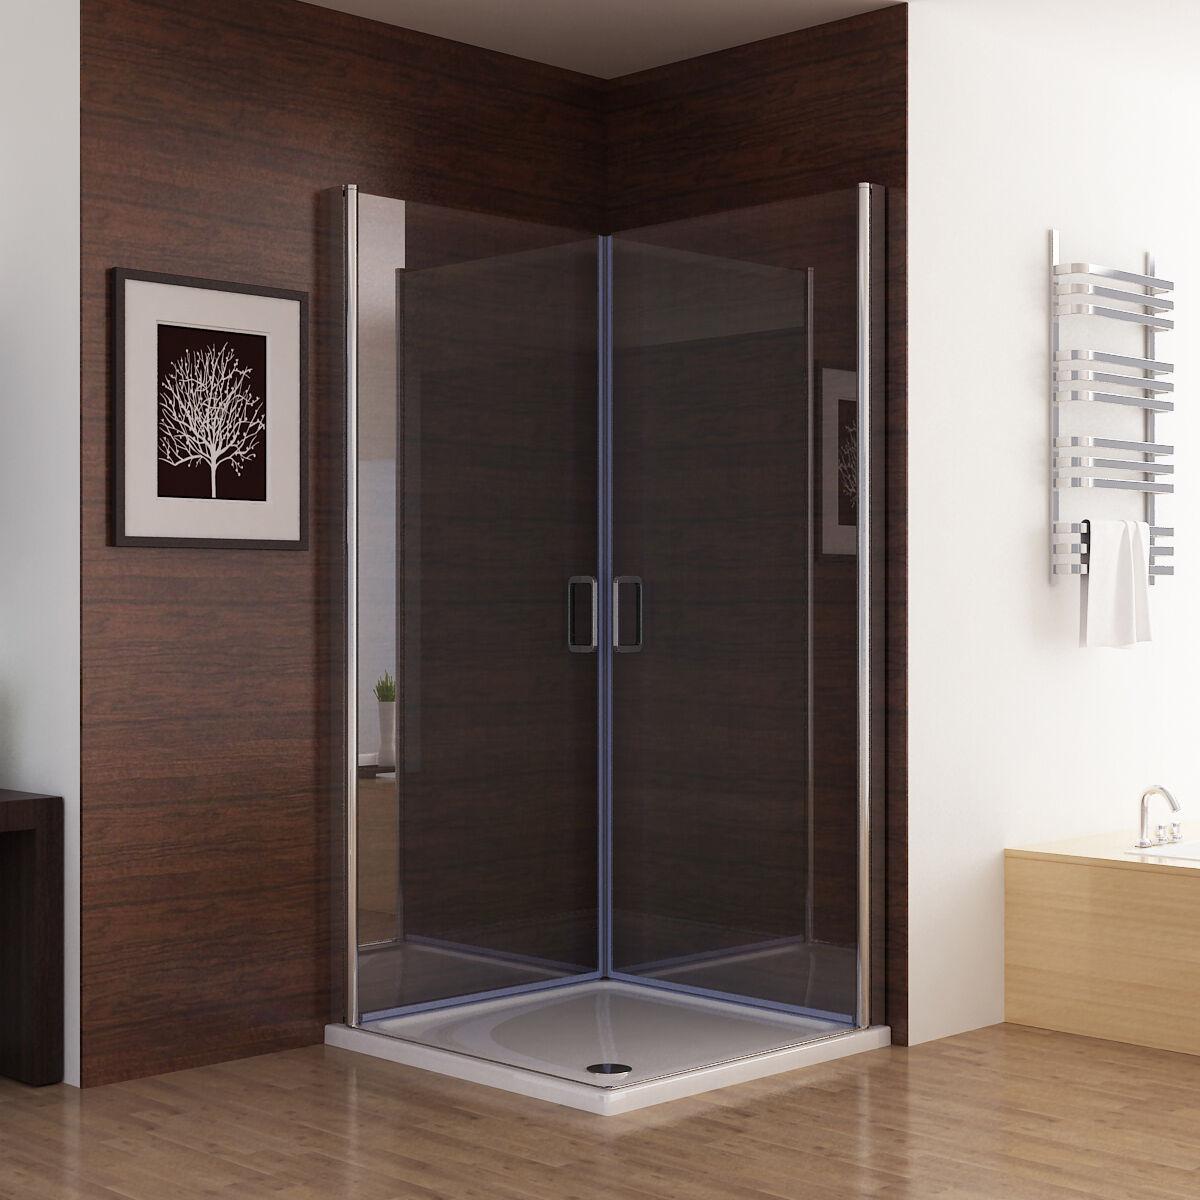 90 x 90 cm duschkabine eckeinstieg dusche duschwand duschabtrennung duschwanne ebay. Black Bedroom Furniture Sets. Home Design Ideas